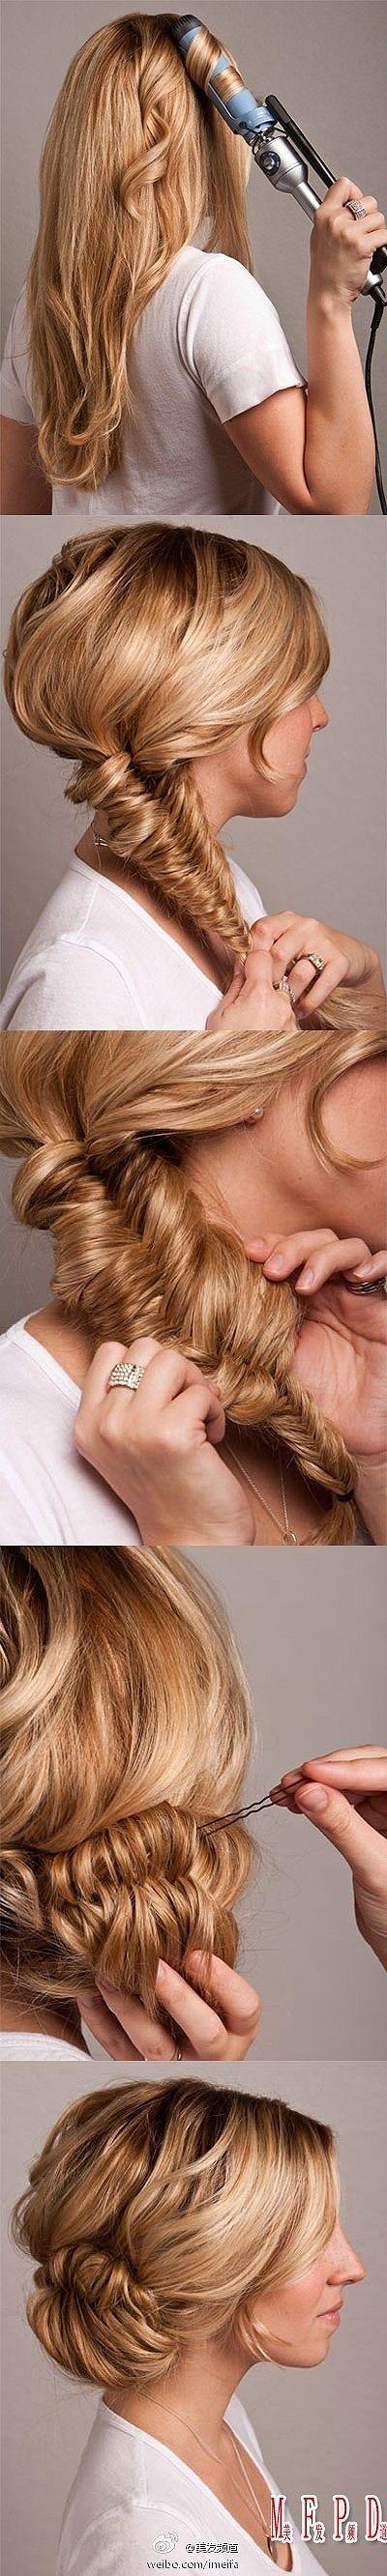 hair: Bridesmaid Hair, Fishtail Updo, Braids Updo, Fishbone Braid, Fishtail Buns, Bun Updo, Fishtail Braids, Braids Buns, Fish Tail Braids